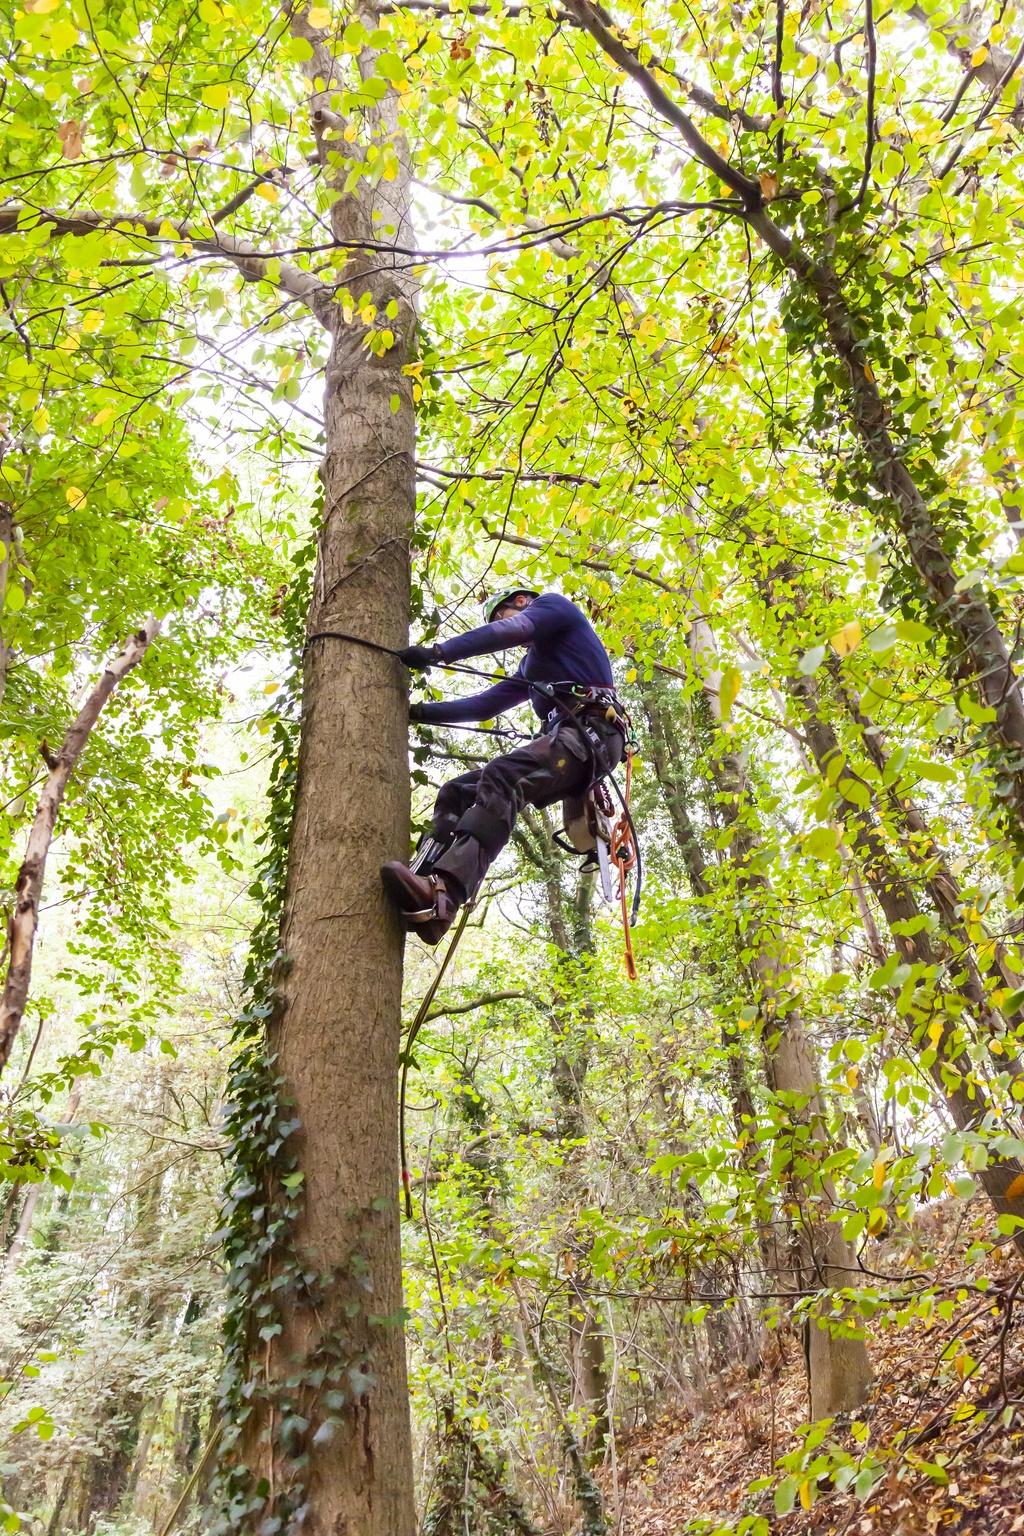 peters bomenservice, beek, zuid limburg, slider, bomen, klimmen